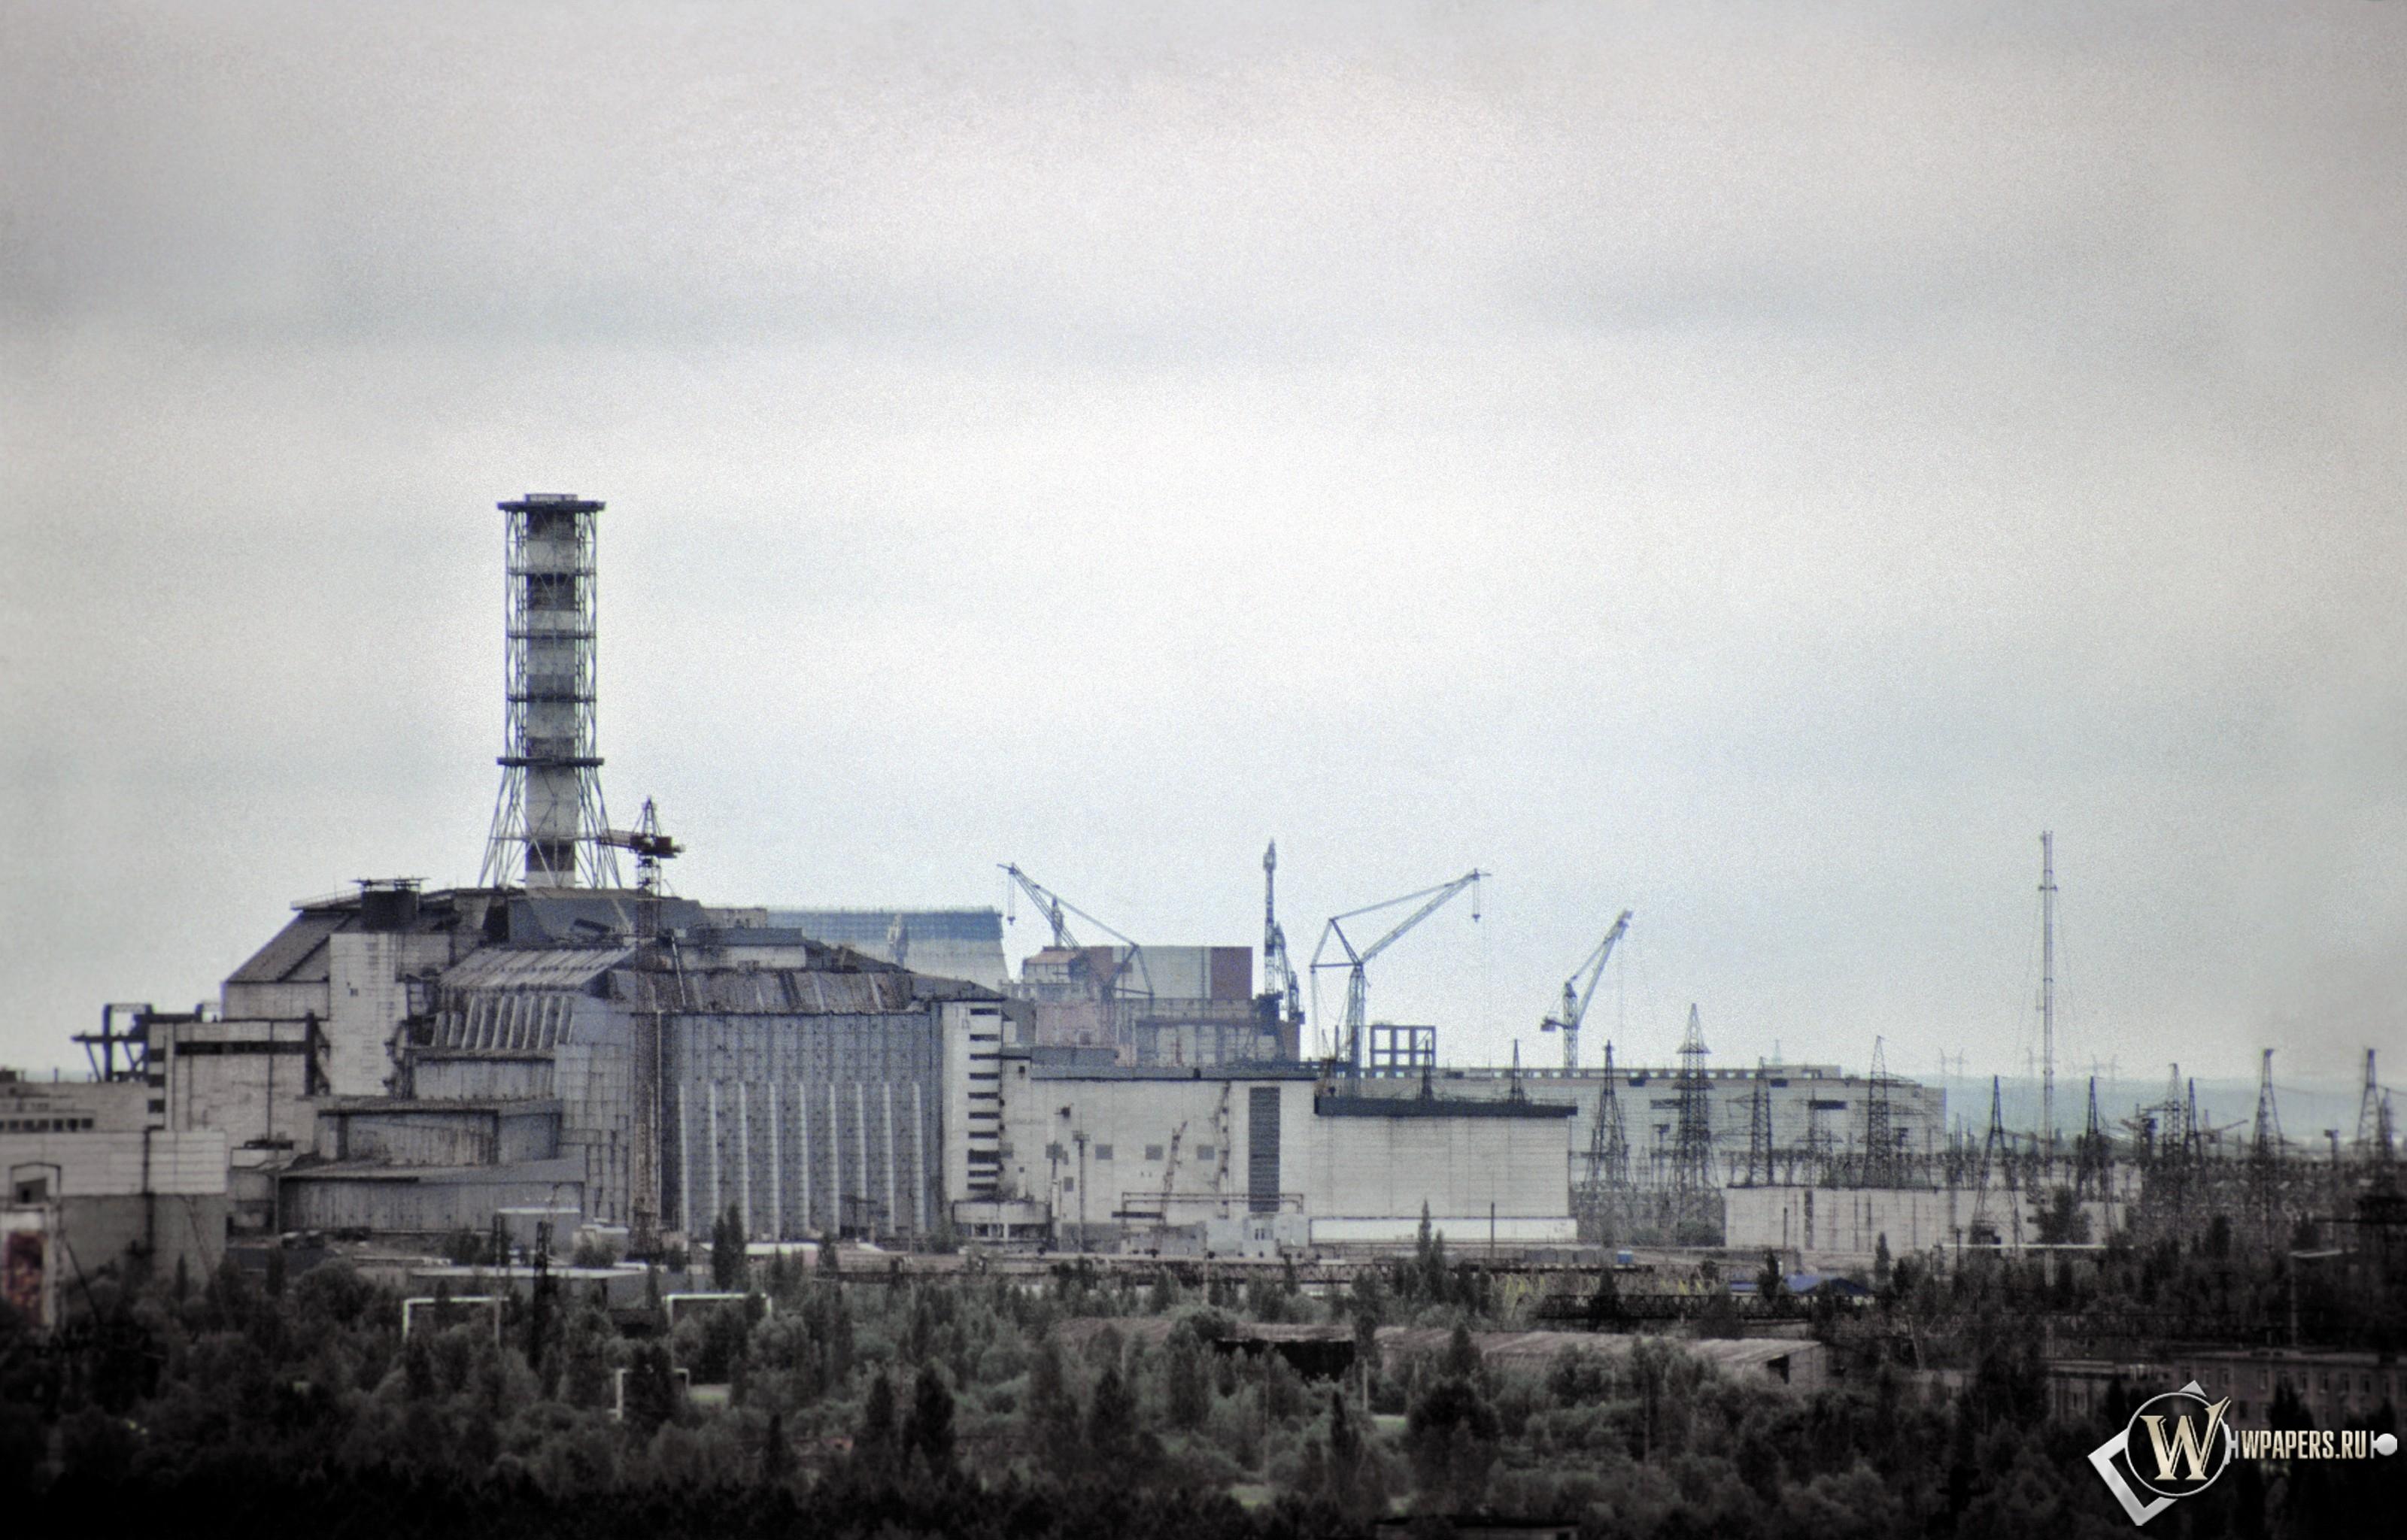 Реактор в чернобыле 3200x2048